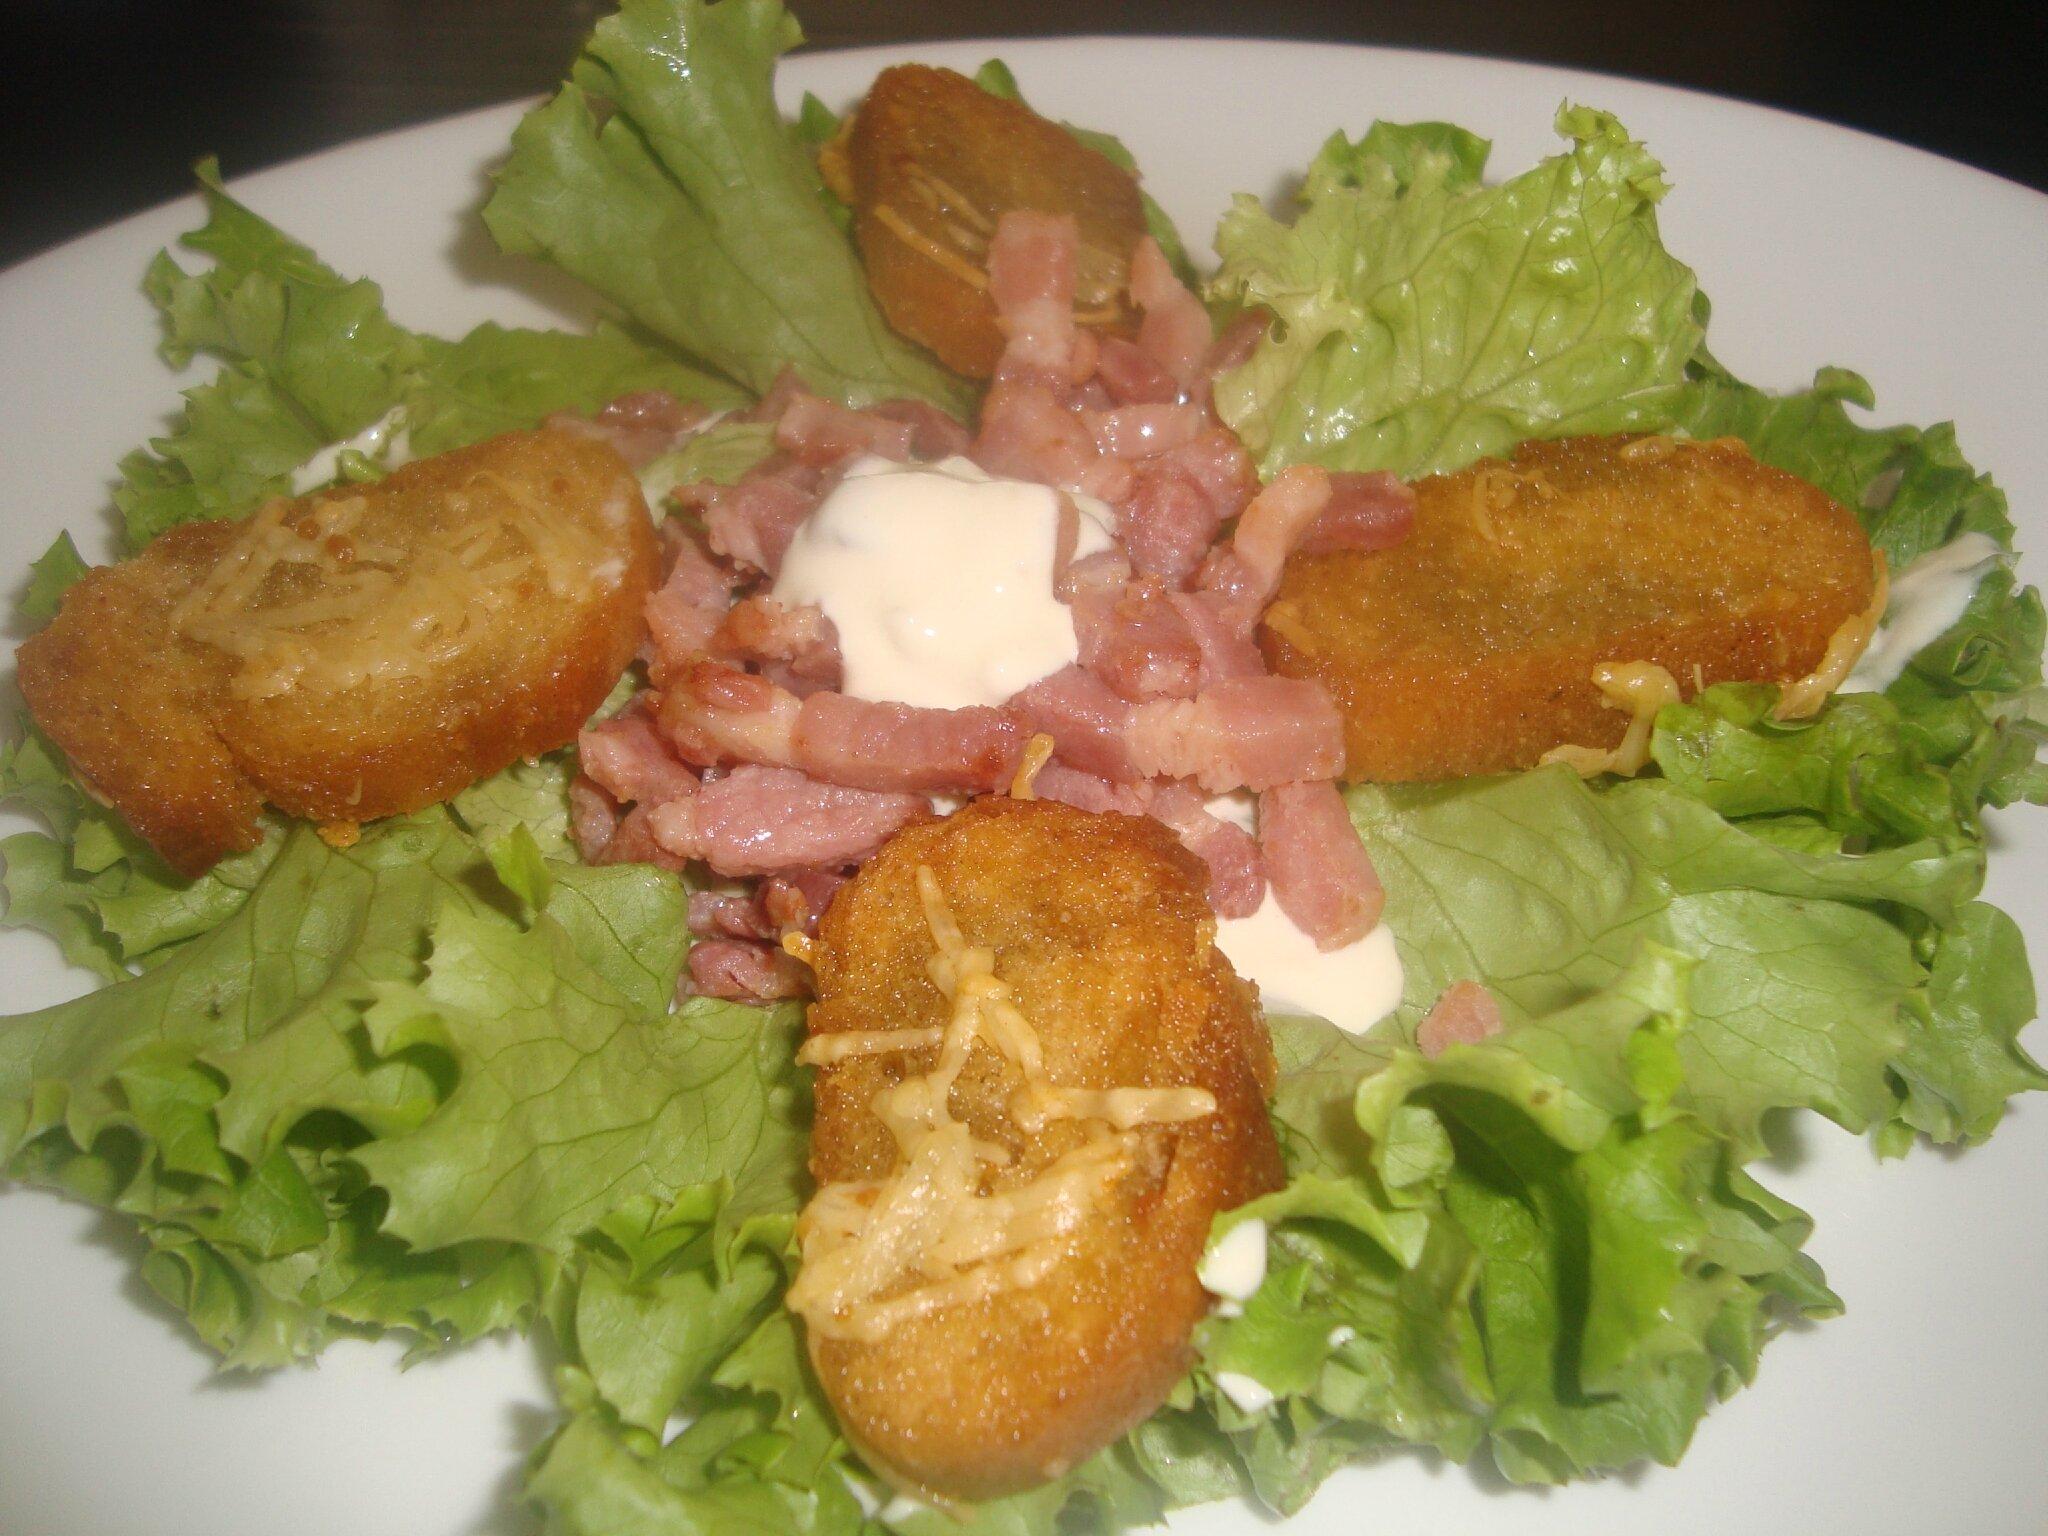 Salade verte avec vinaigrette cr meuse la moutarde a ne sent pas un peu le br l l - Salade qui ne gele pas ...